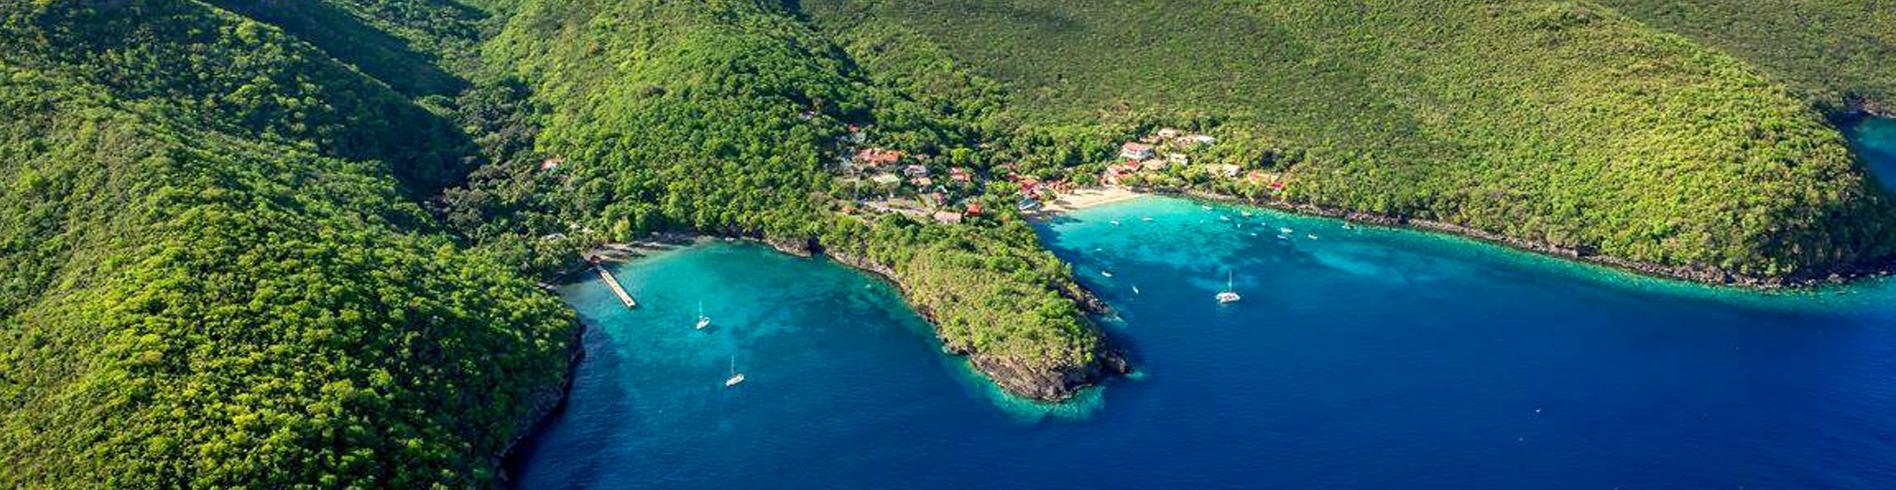 Voyage sur mesure en Martinique.jpg